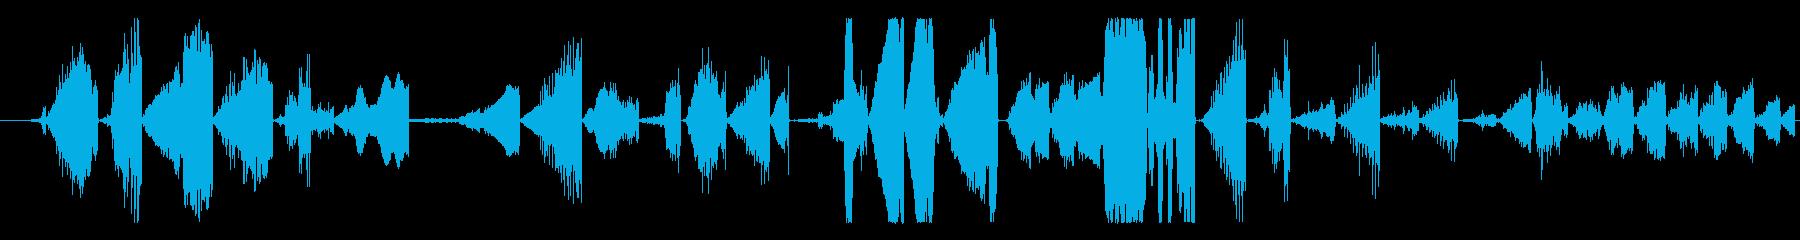 イメージ グリッチトークFX 10の再生済みの波形